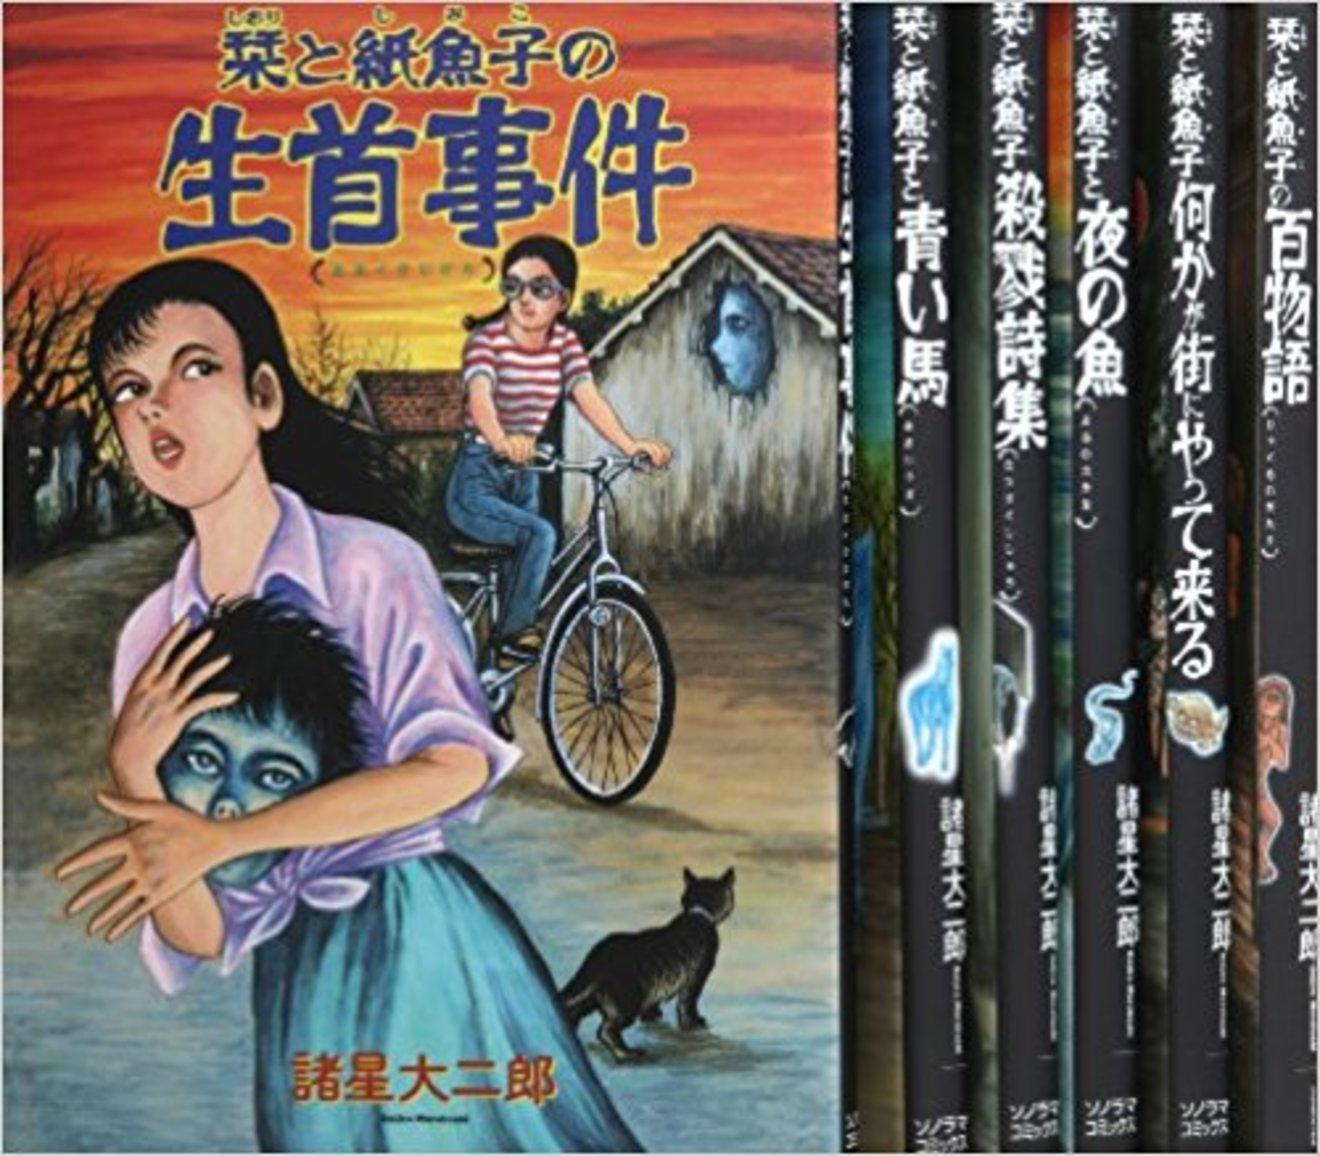 諸星大二郎のおすすめ漫画ランキングベスト5!『西遊妖猿伝』以外の名作!